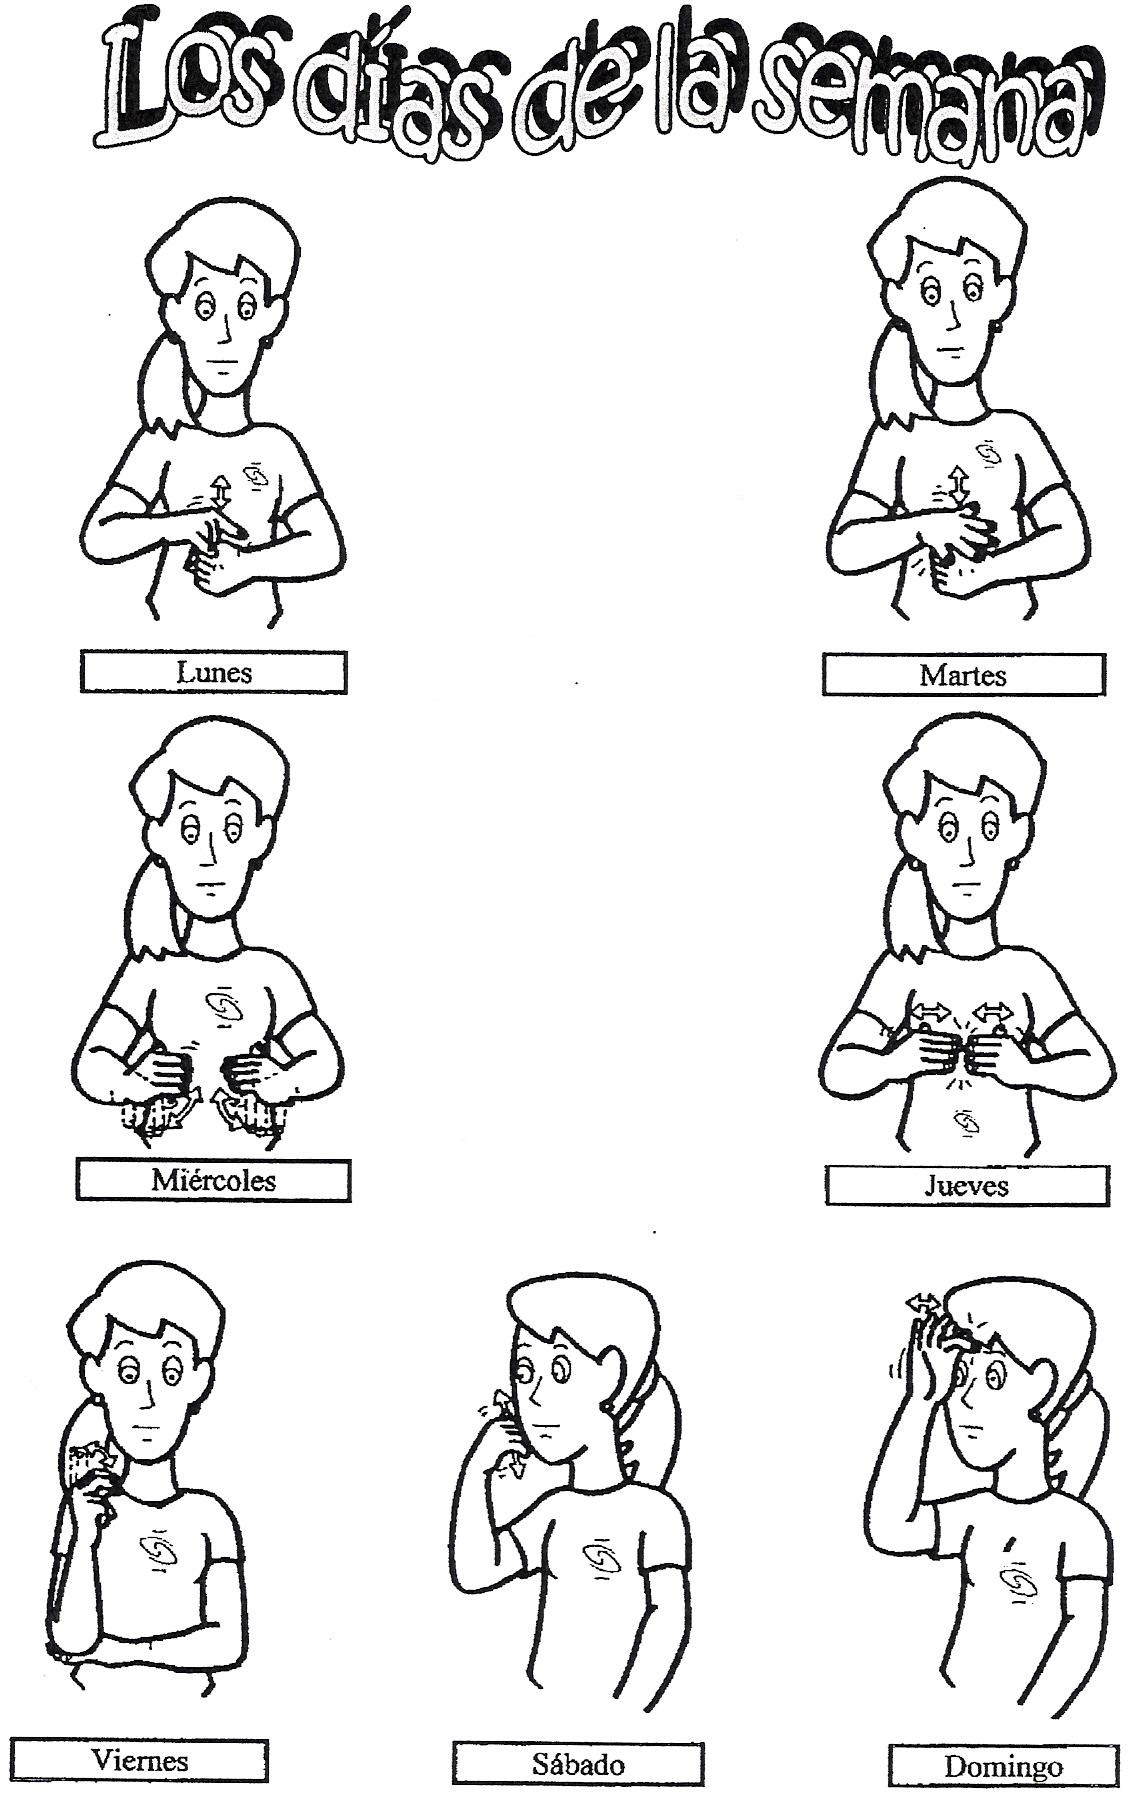 Los Dias De La Semana En Lengua De Signos Dibujos